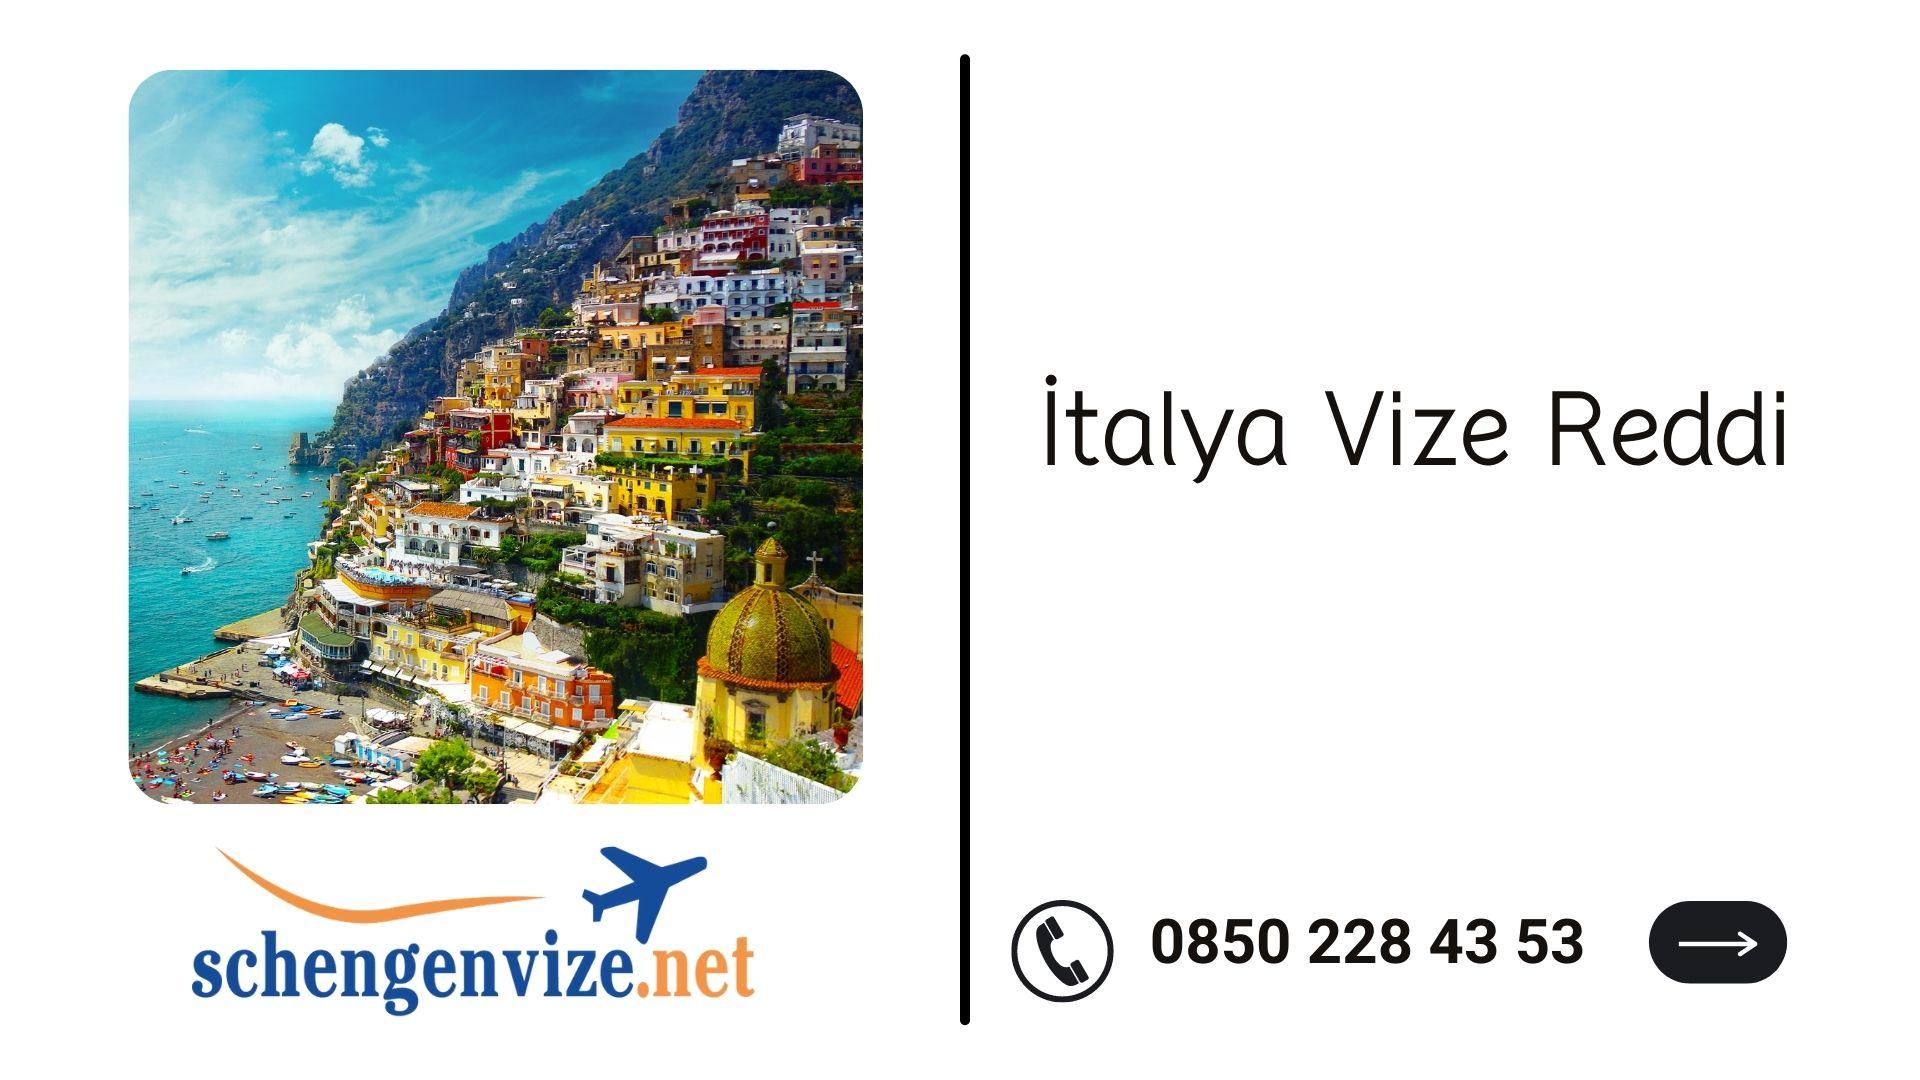 İtalya Vize Reddi